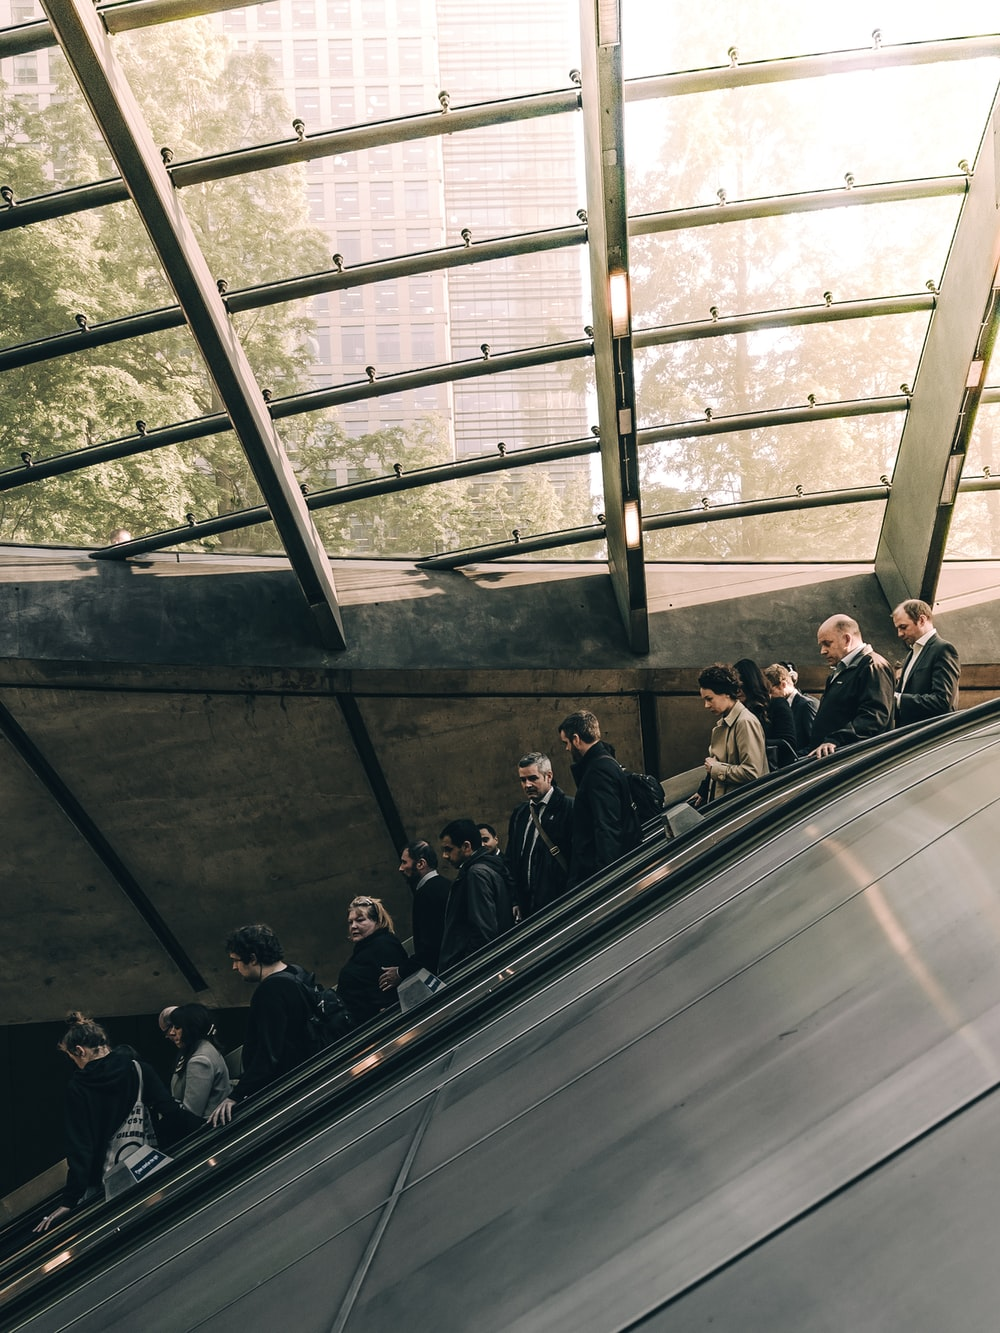 people using escalator during daytime